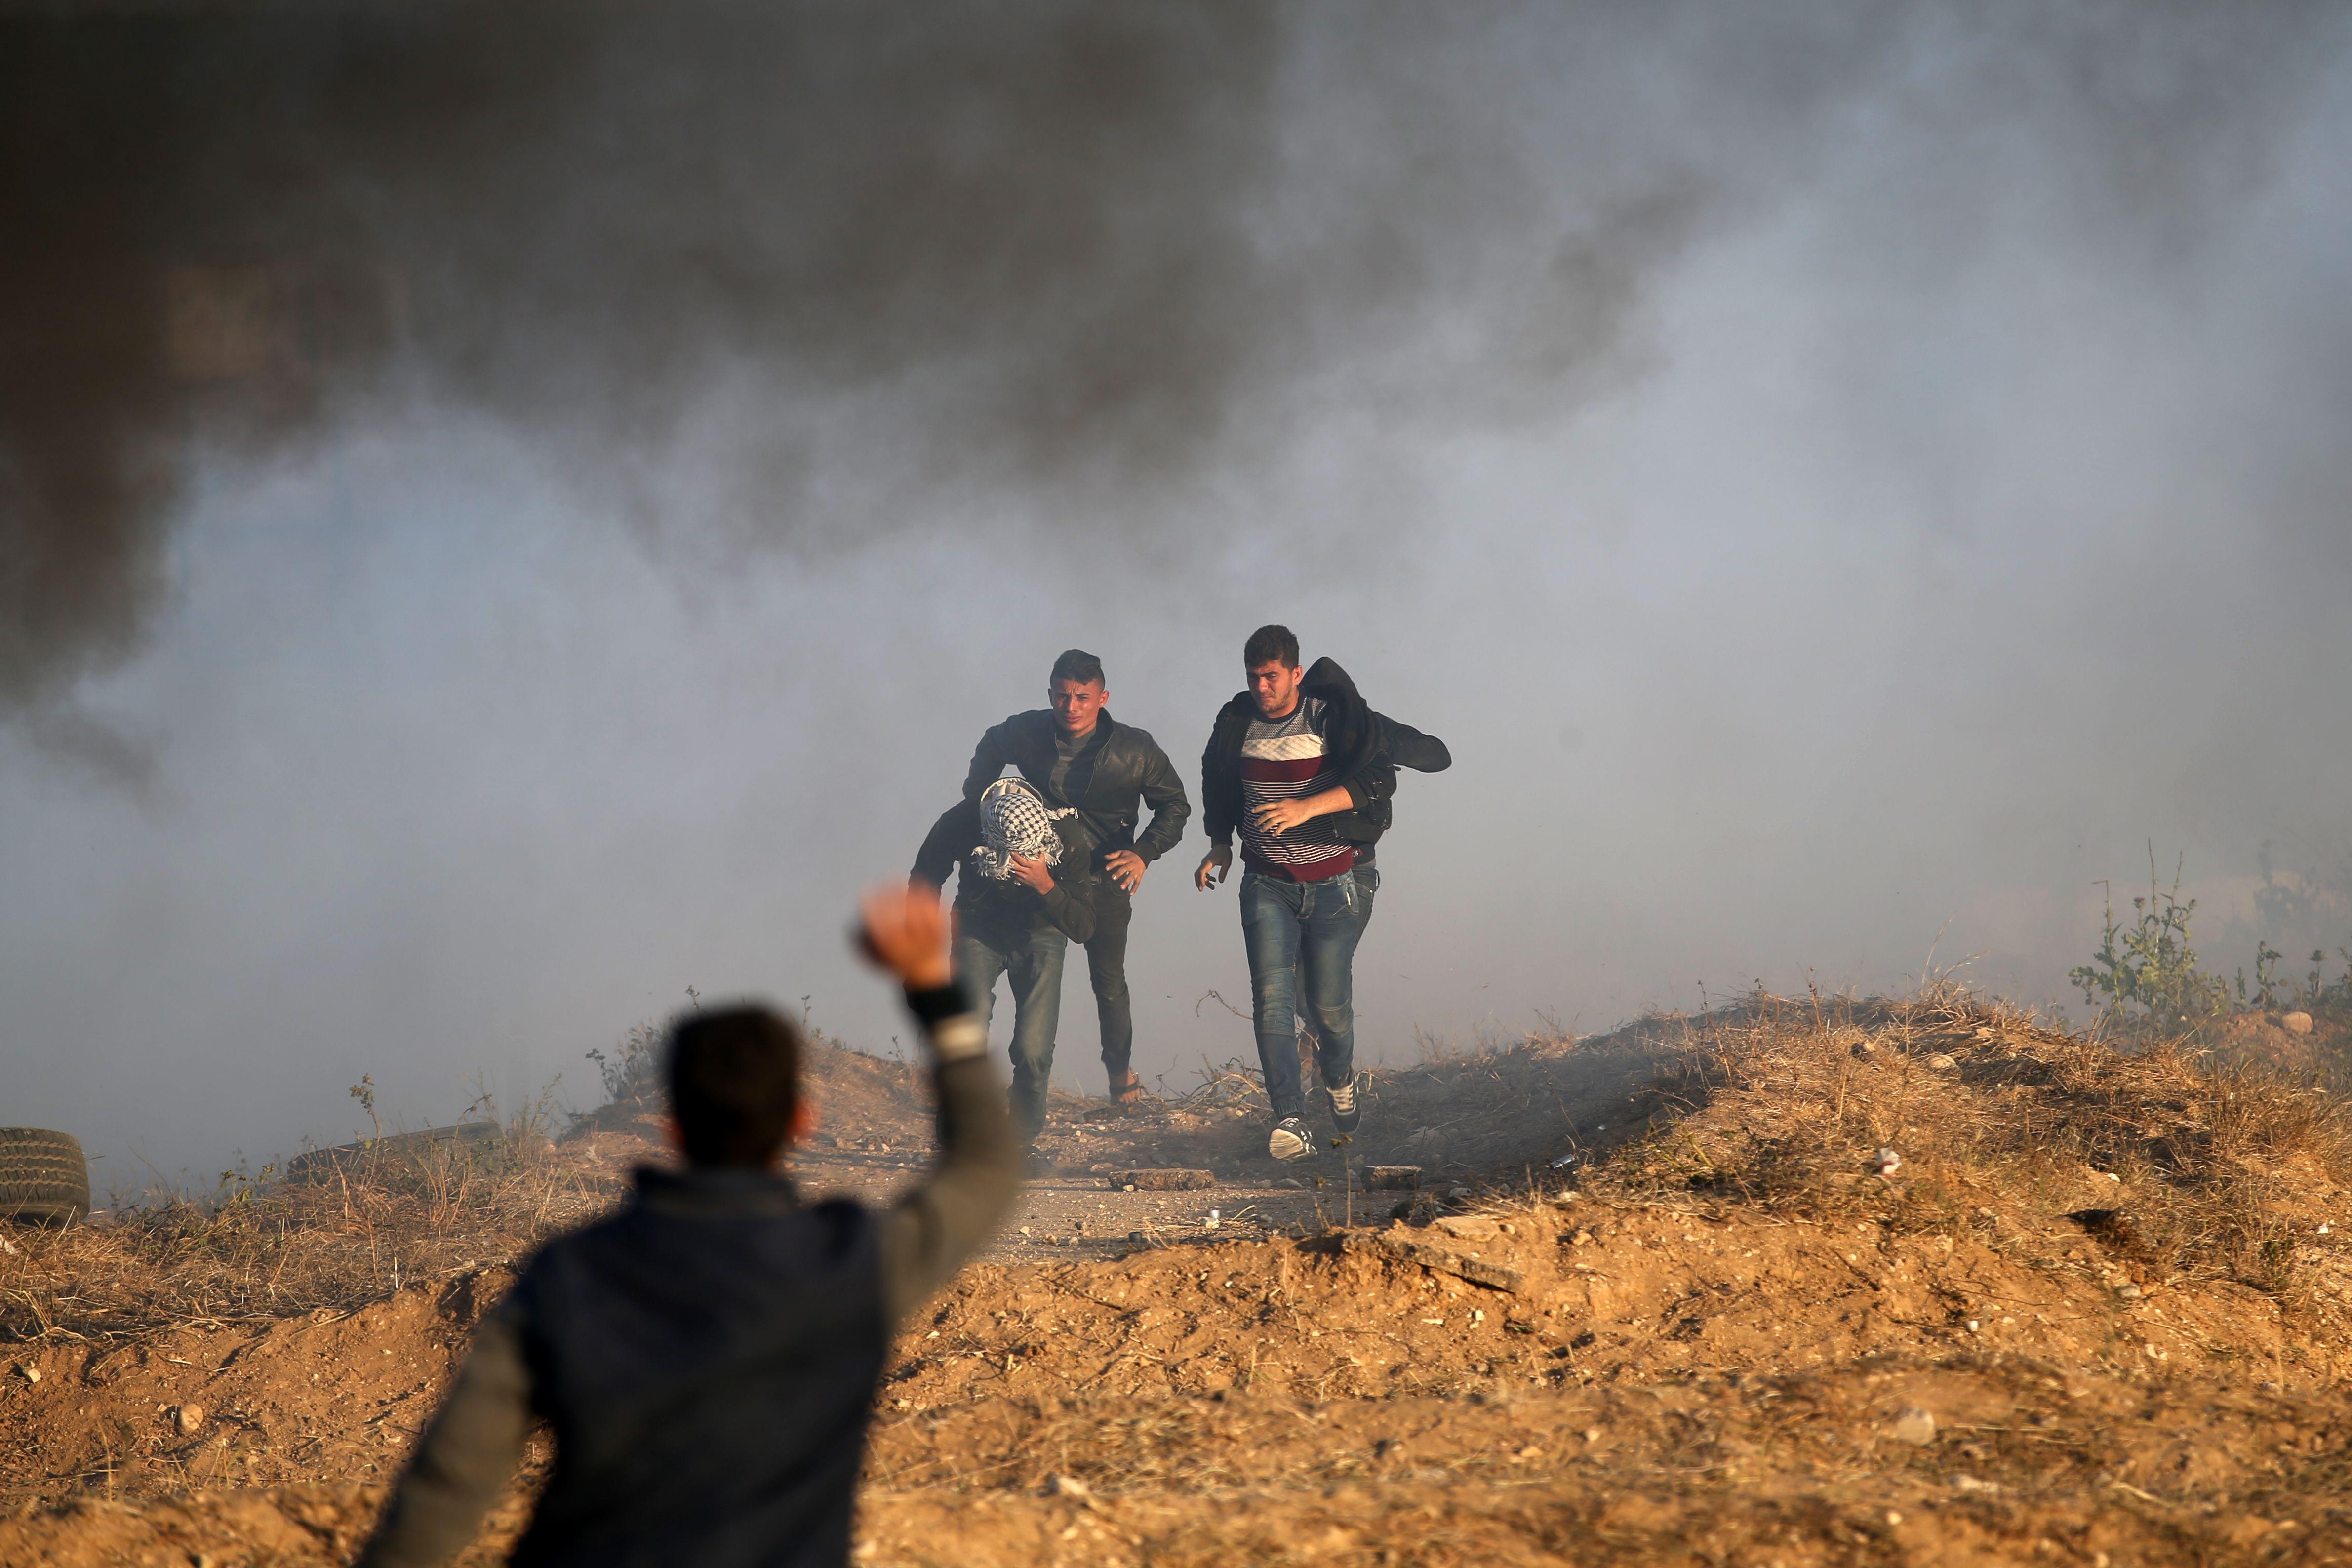 المتظاهرين يهربون من رصاص الاحتلال